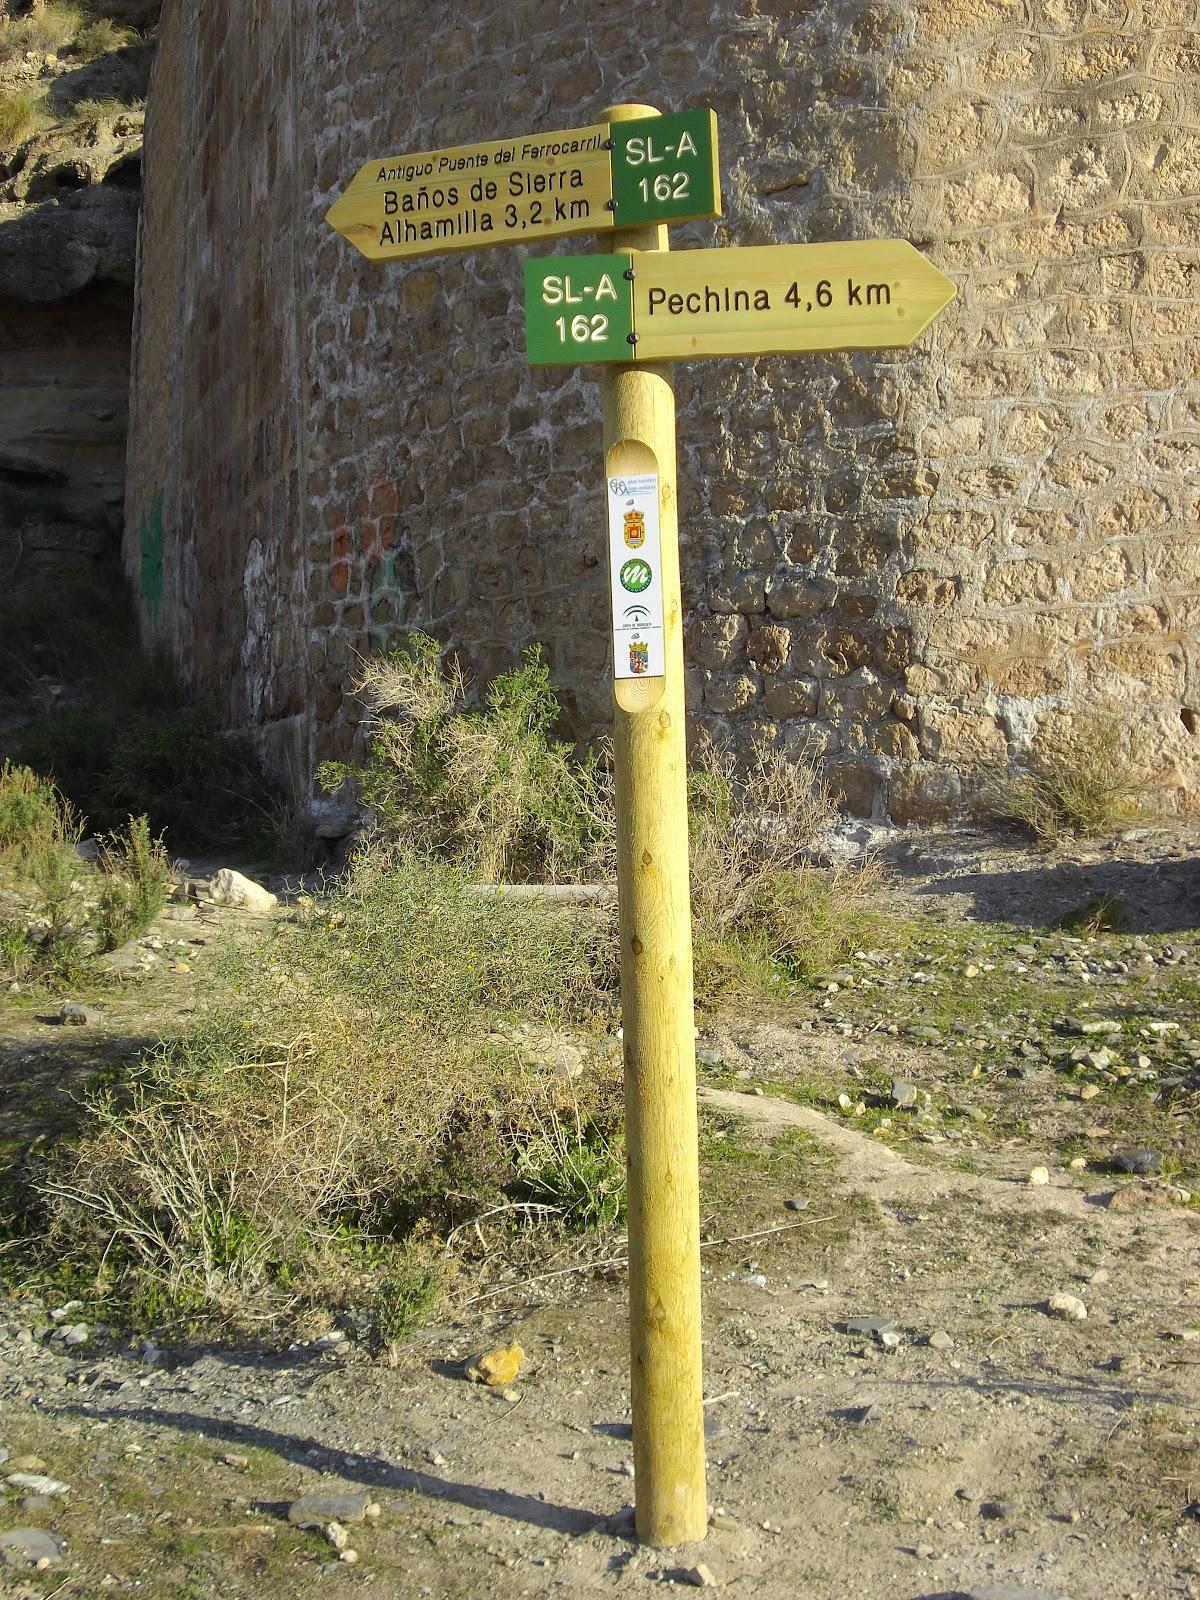 Sureste3 ruta btt sendero sl a 162 - Banos de sierra alhamilla ...